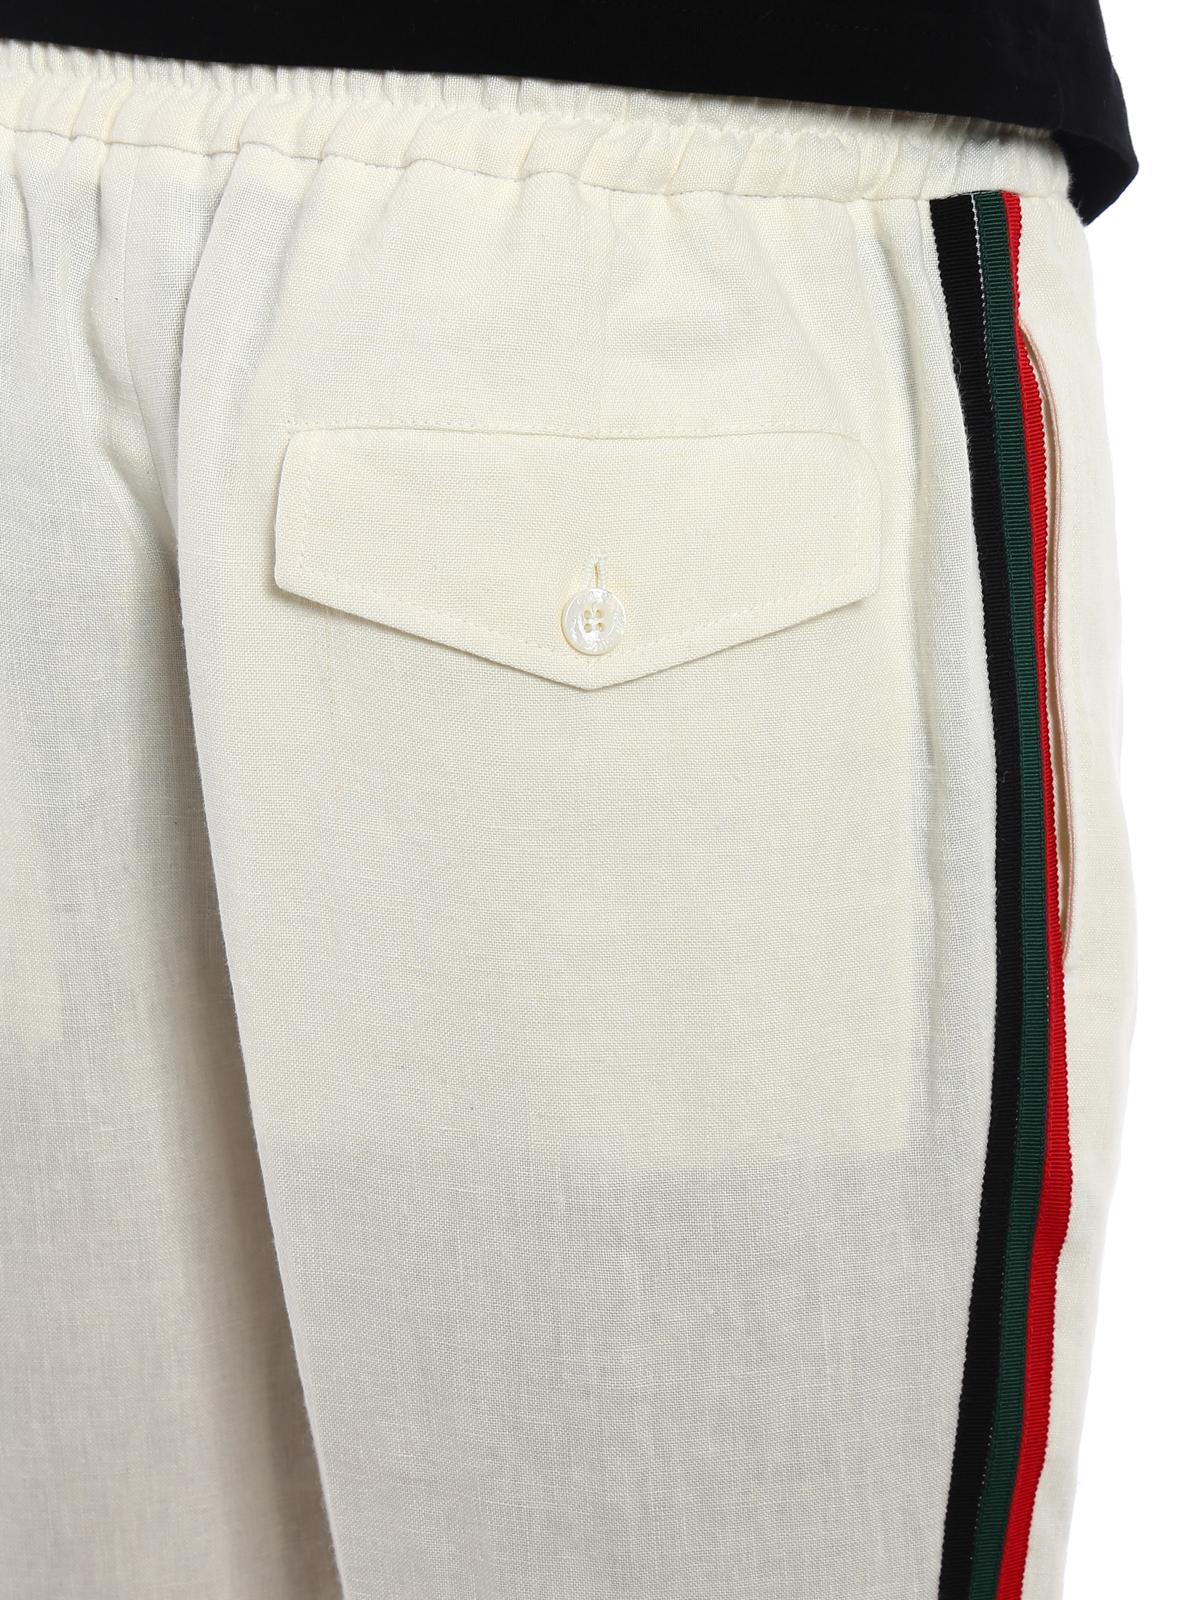 Gucci Pantalon Casual Blanco Pantalones Casual 519574z374g9985